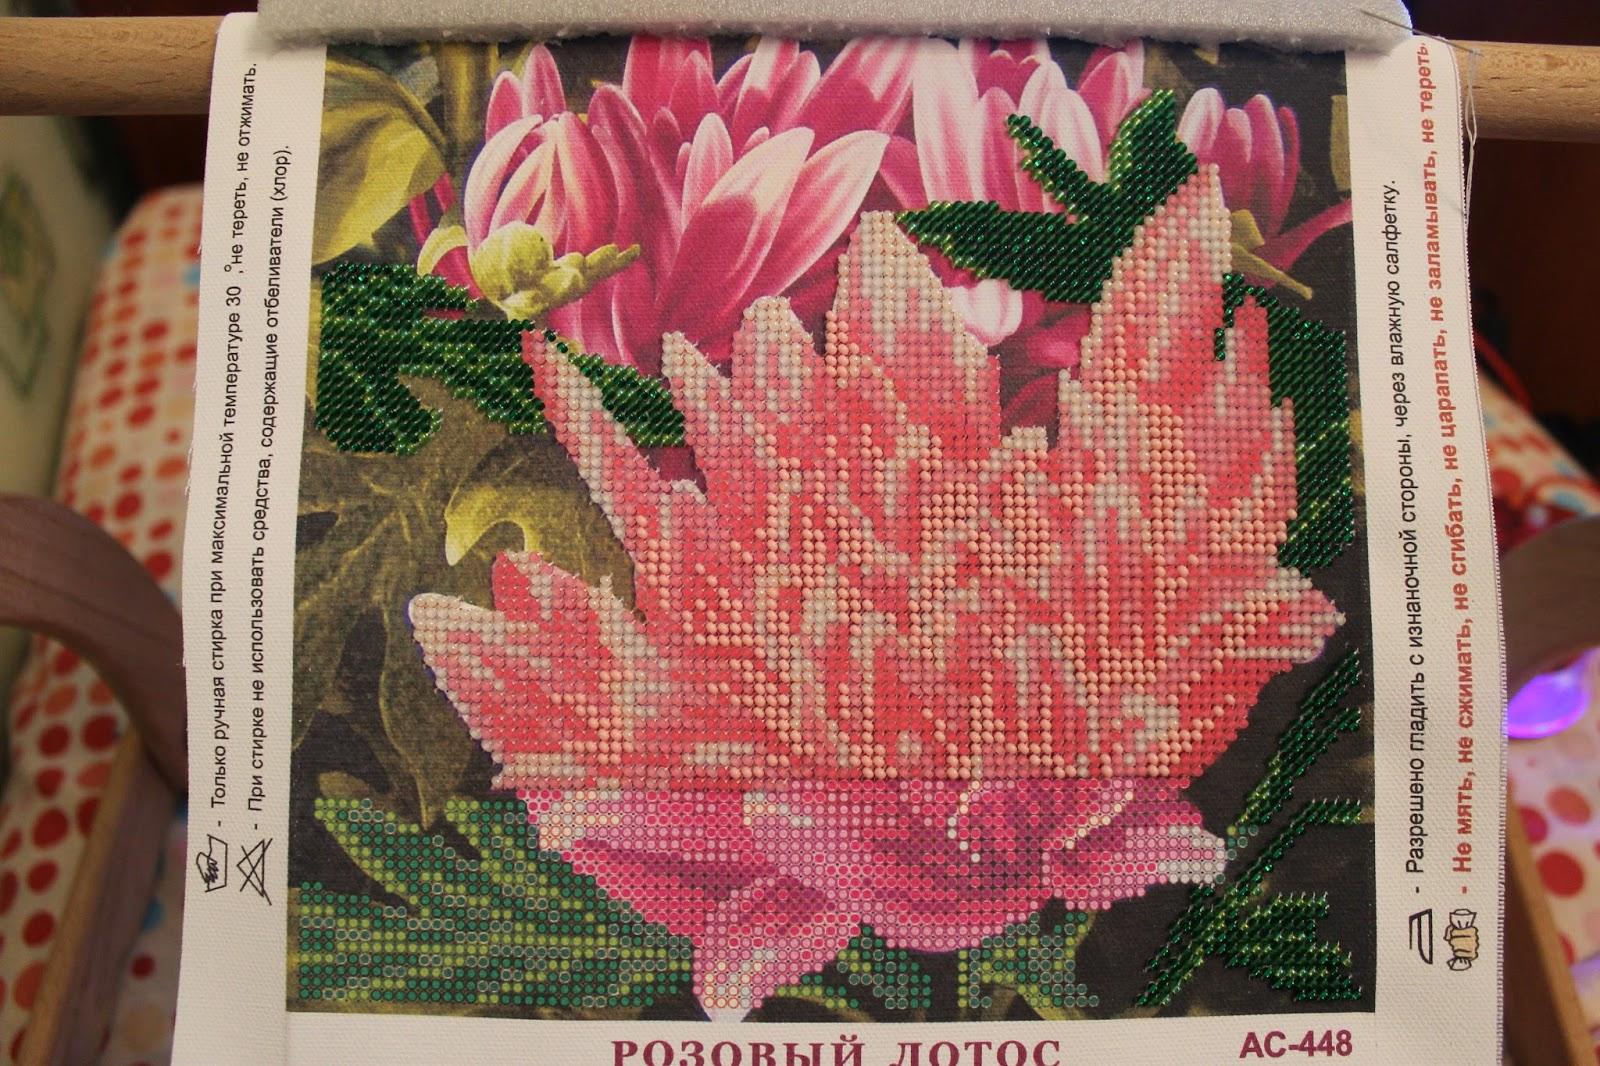 Вышивка розовые лотосы